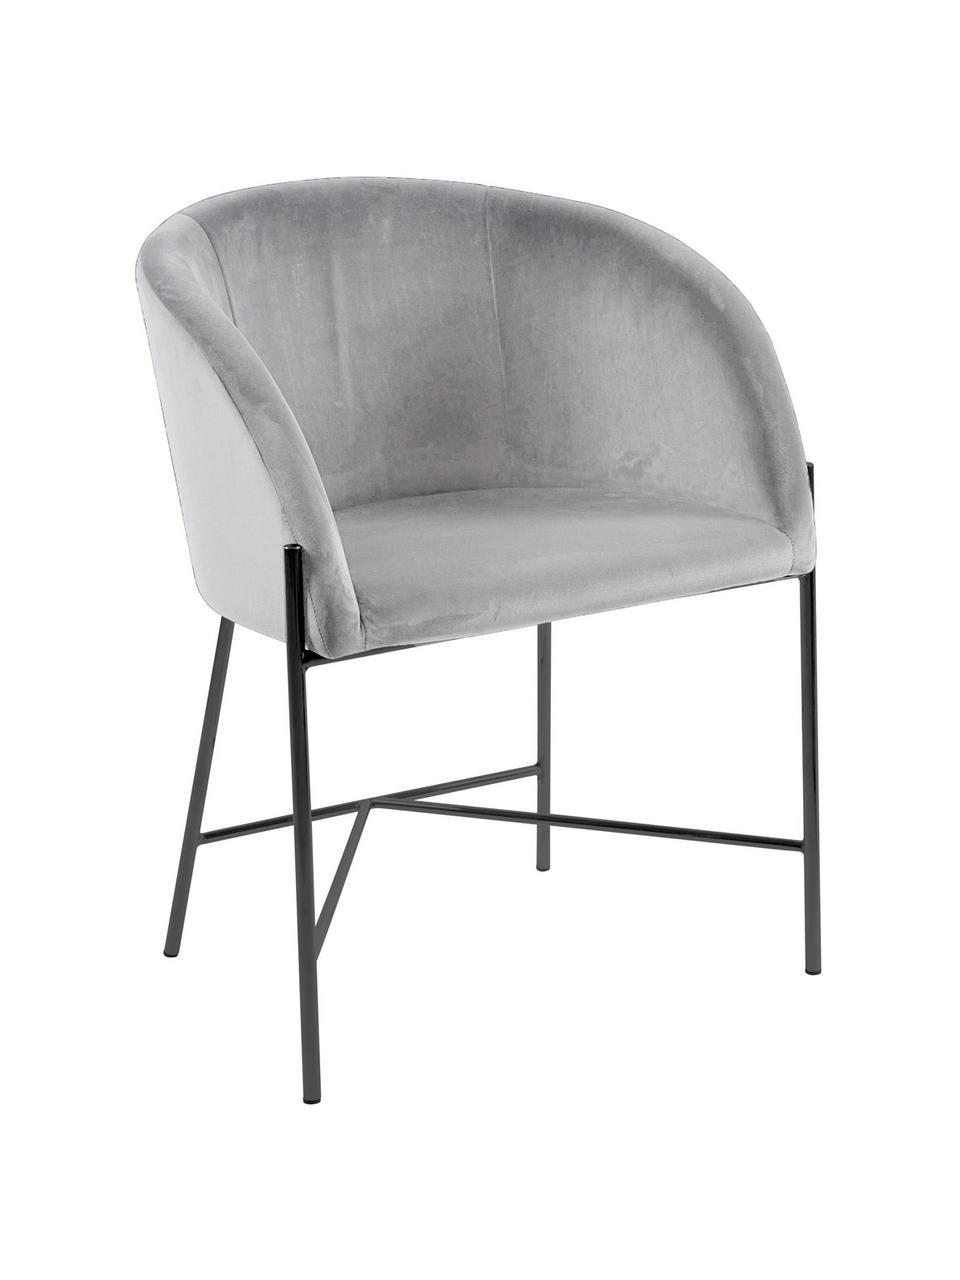 Sedia con braccioli in velluto Nelson, Rivestimento: velluto di poliestere Con, Gambe: metallo, laccato, Grigio, nero, Larg. 56 x Prof. 55 cm